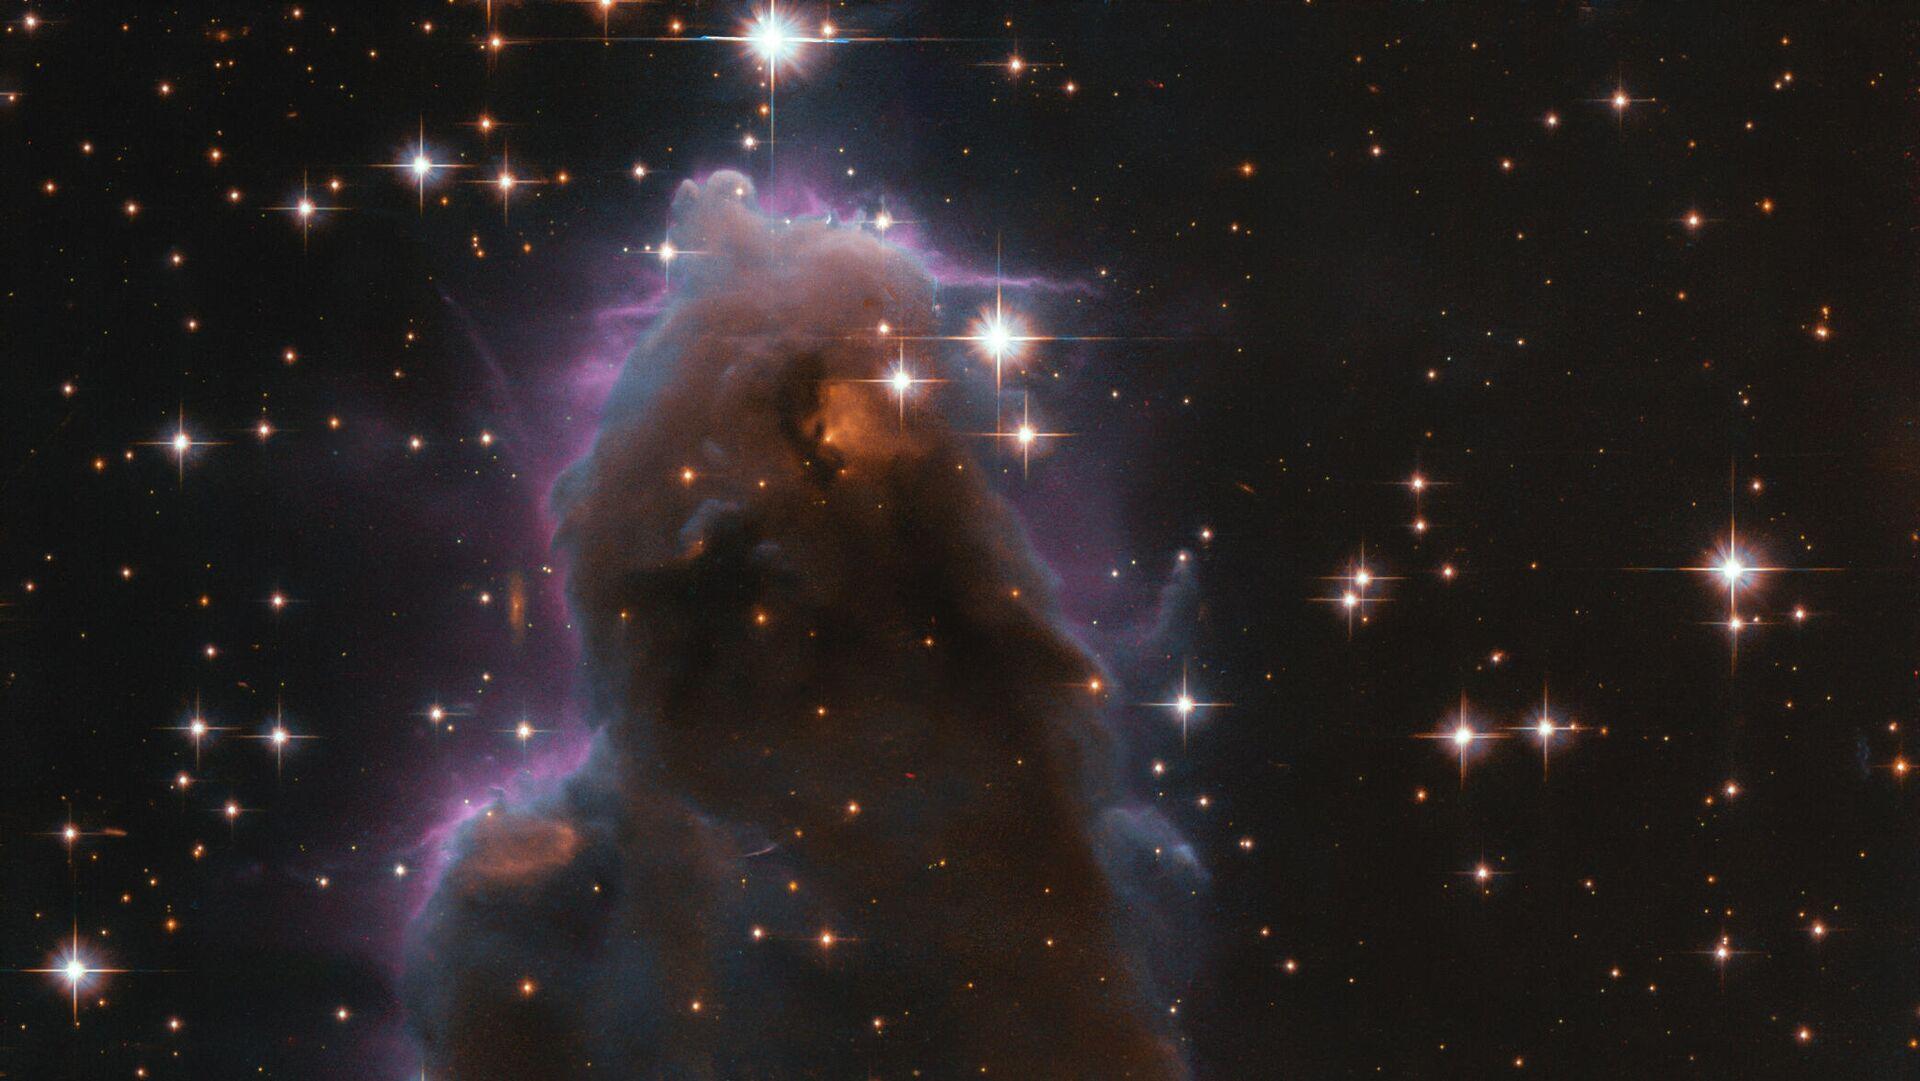 Объект J025157.5+600606 в созвездии Кассиопеи - РИА Новости, 1920, 06.11.2020